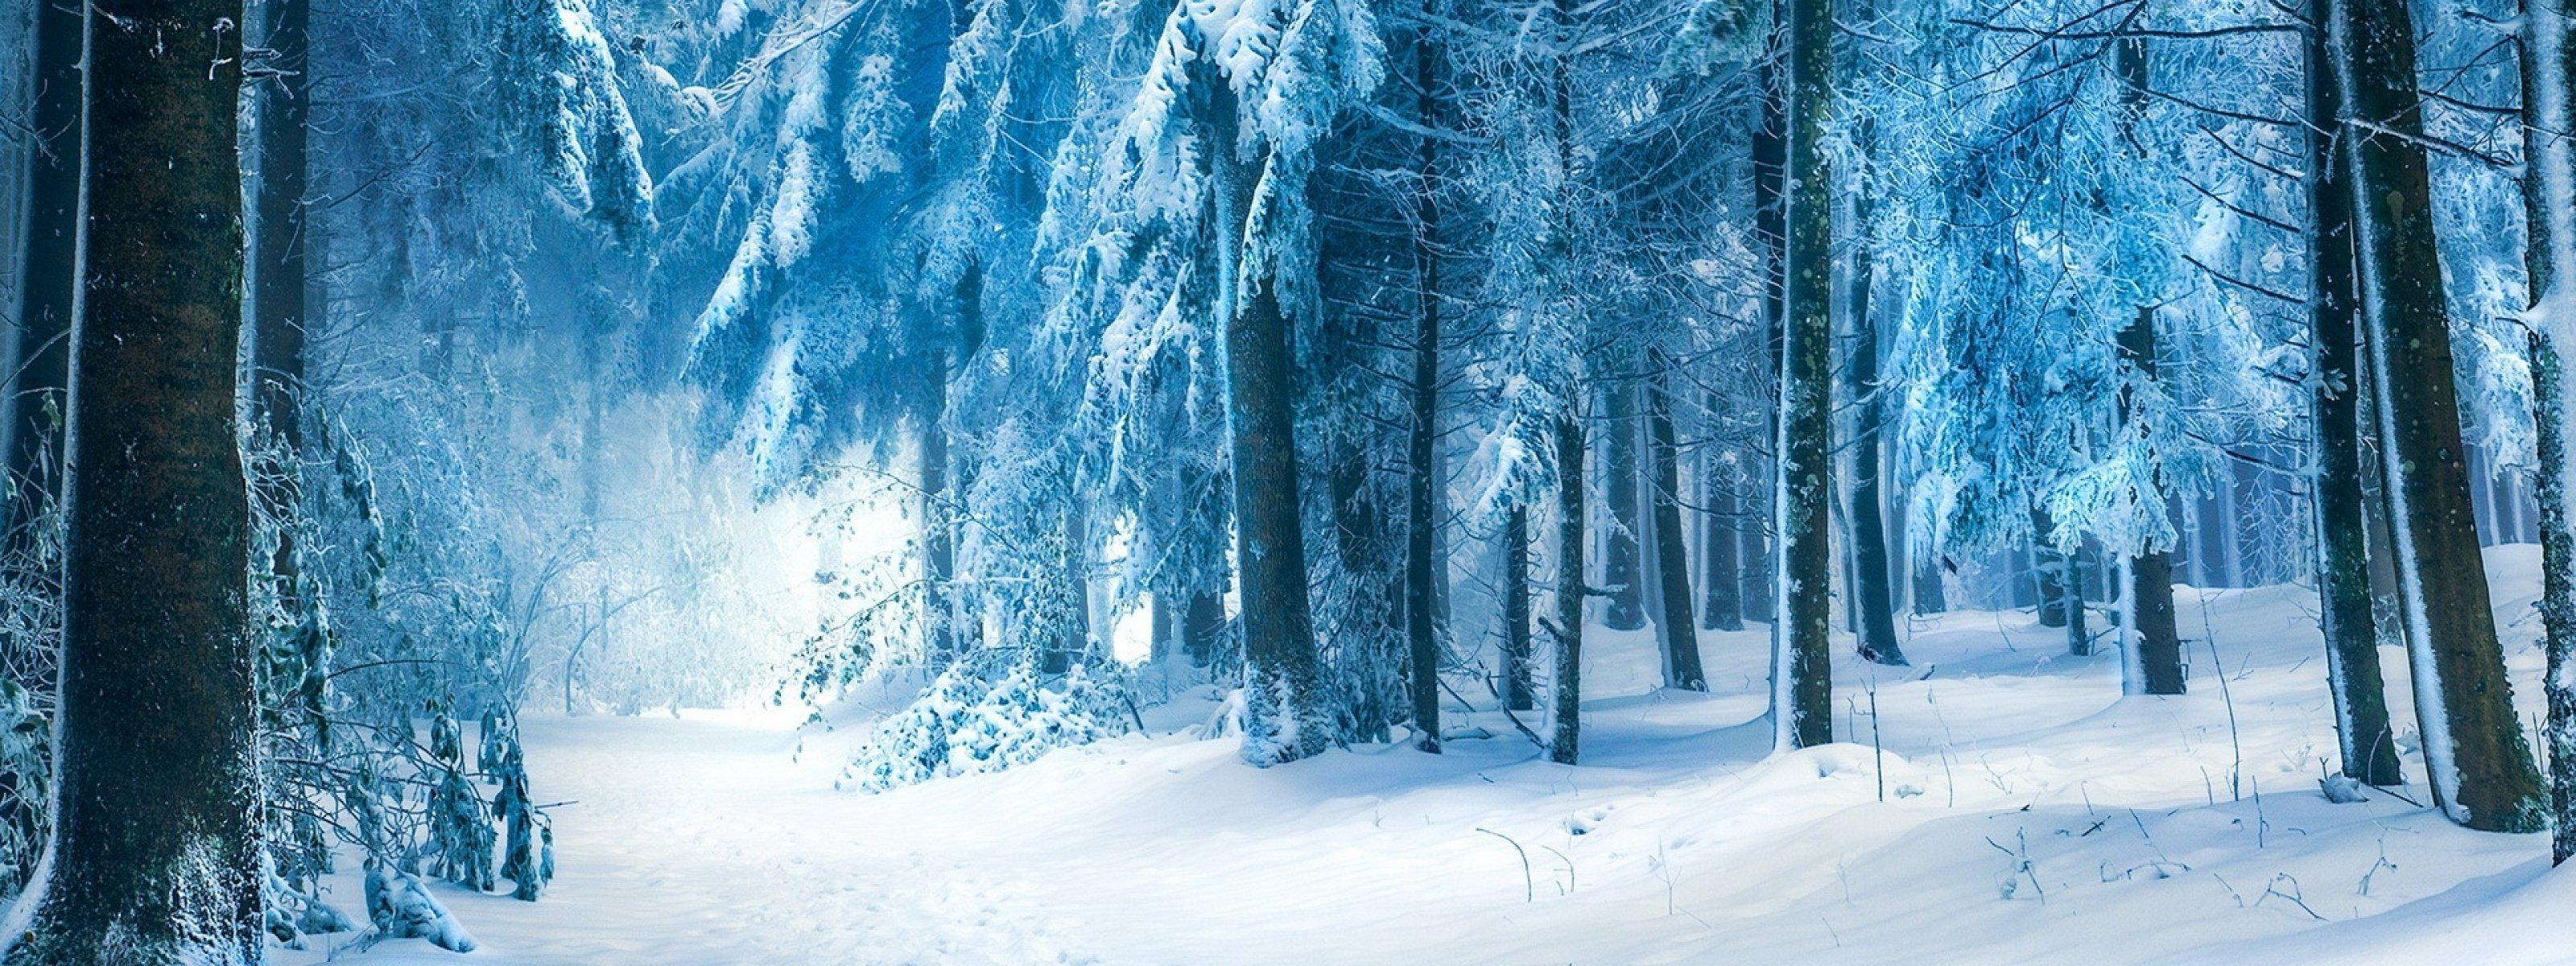 Картинка зима для обложки в одноклассниках